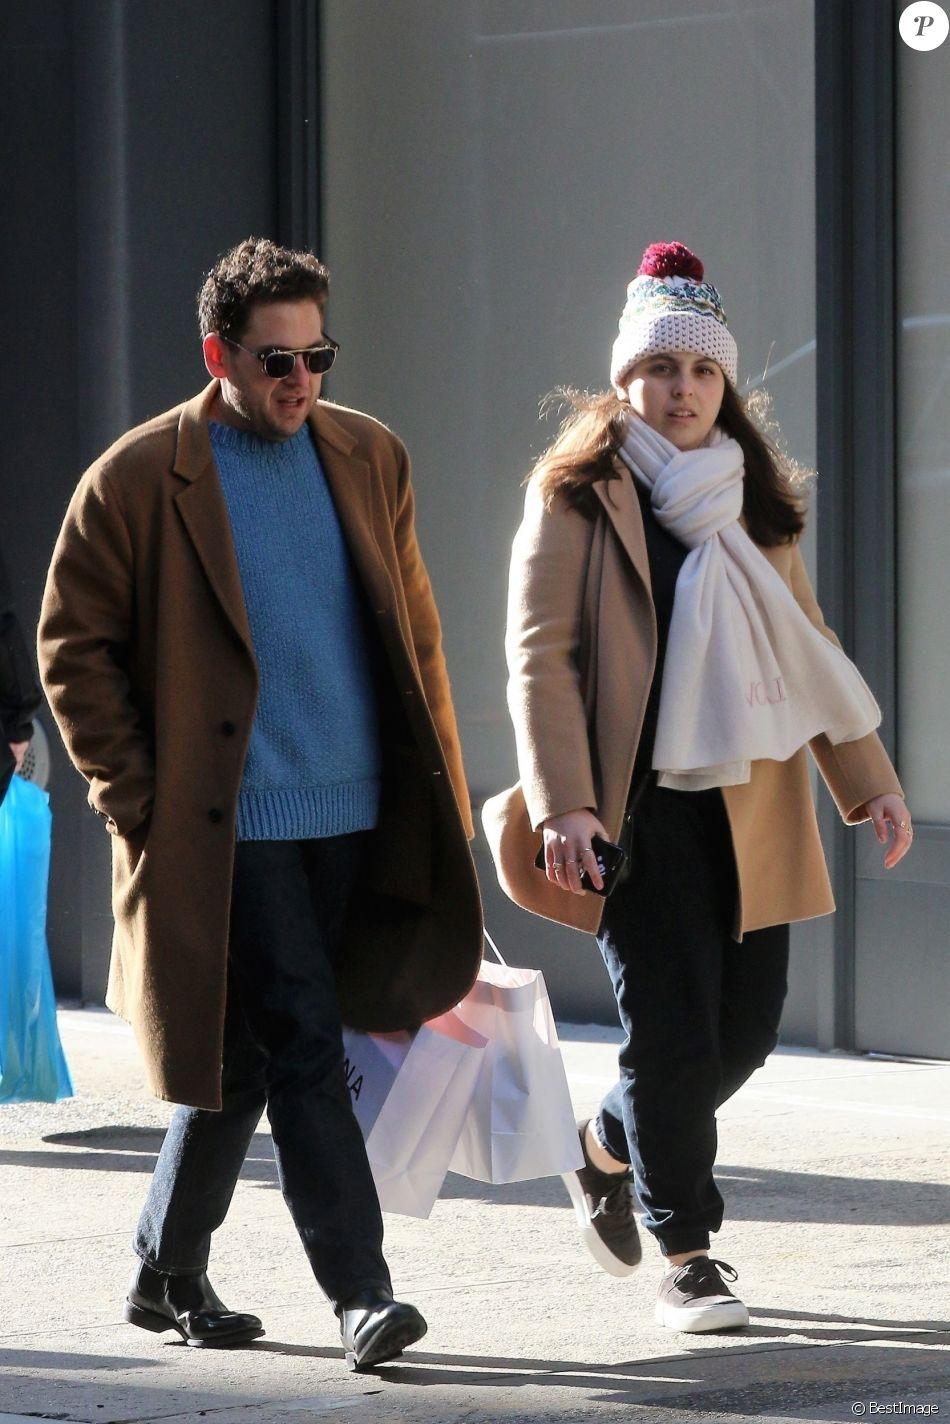 Exclusif - Jonah Hill fait du shopping avec sa soeur Beanie Feldstein dans le quartier de Soho à New York, le 11 décembre 2017. Le 22 décembre 2017, leur grand frère Jordan Feldstein, manager très apprécié dans le monde de la musique, est mort d'une crise cardiaque.